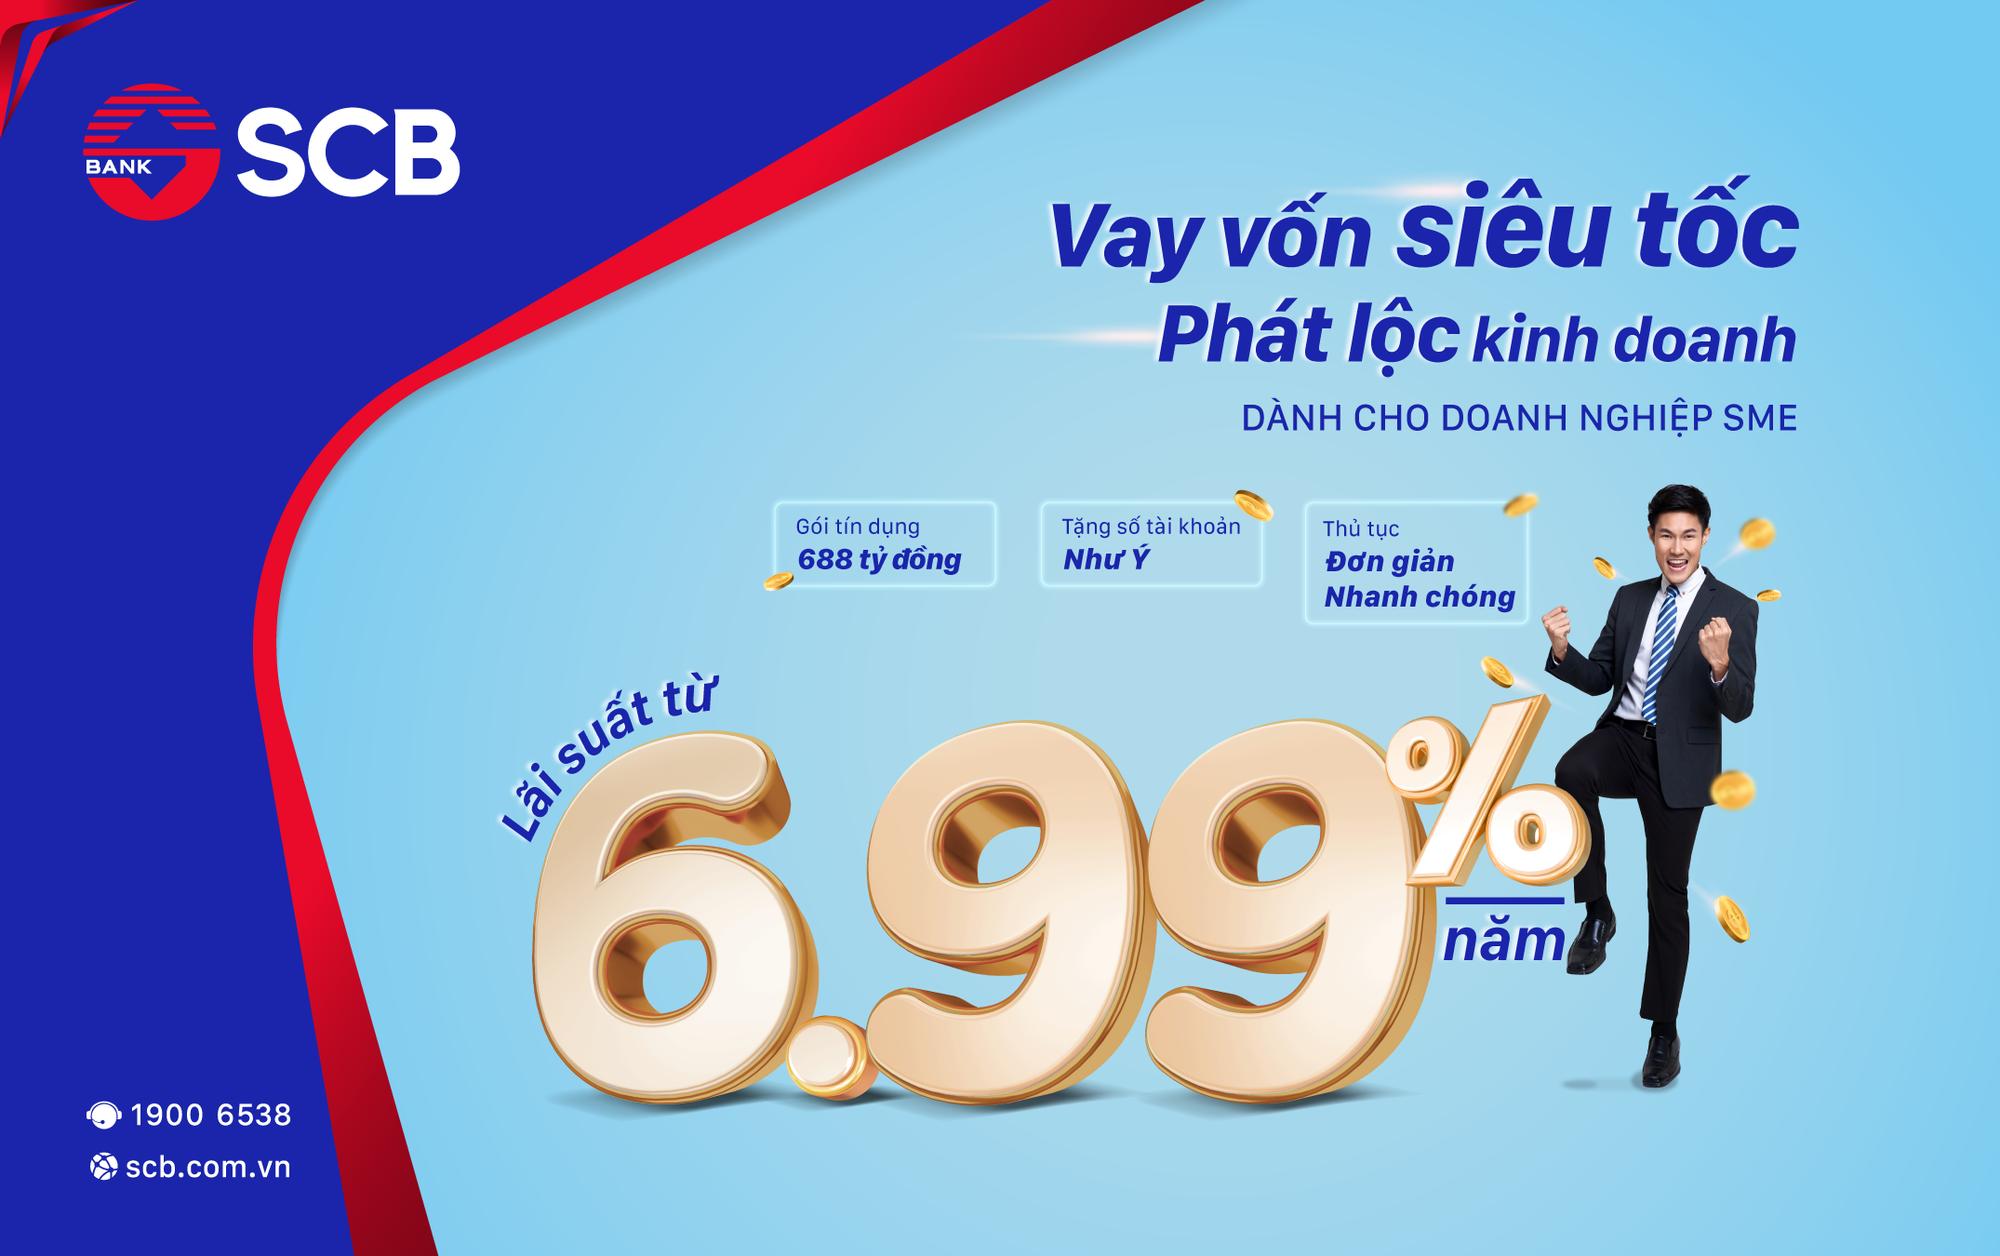 SCB triển khai gói cho vay siêu tốc dành cho doanh nghiệp SME - Ảnh 1.